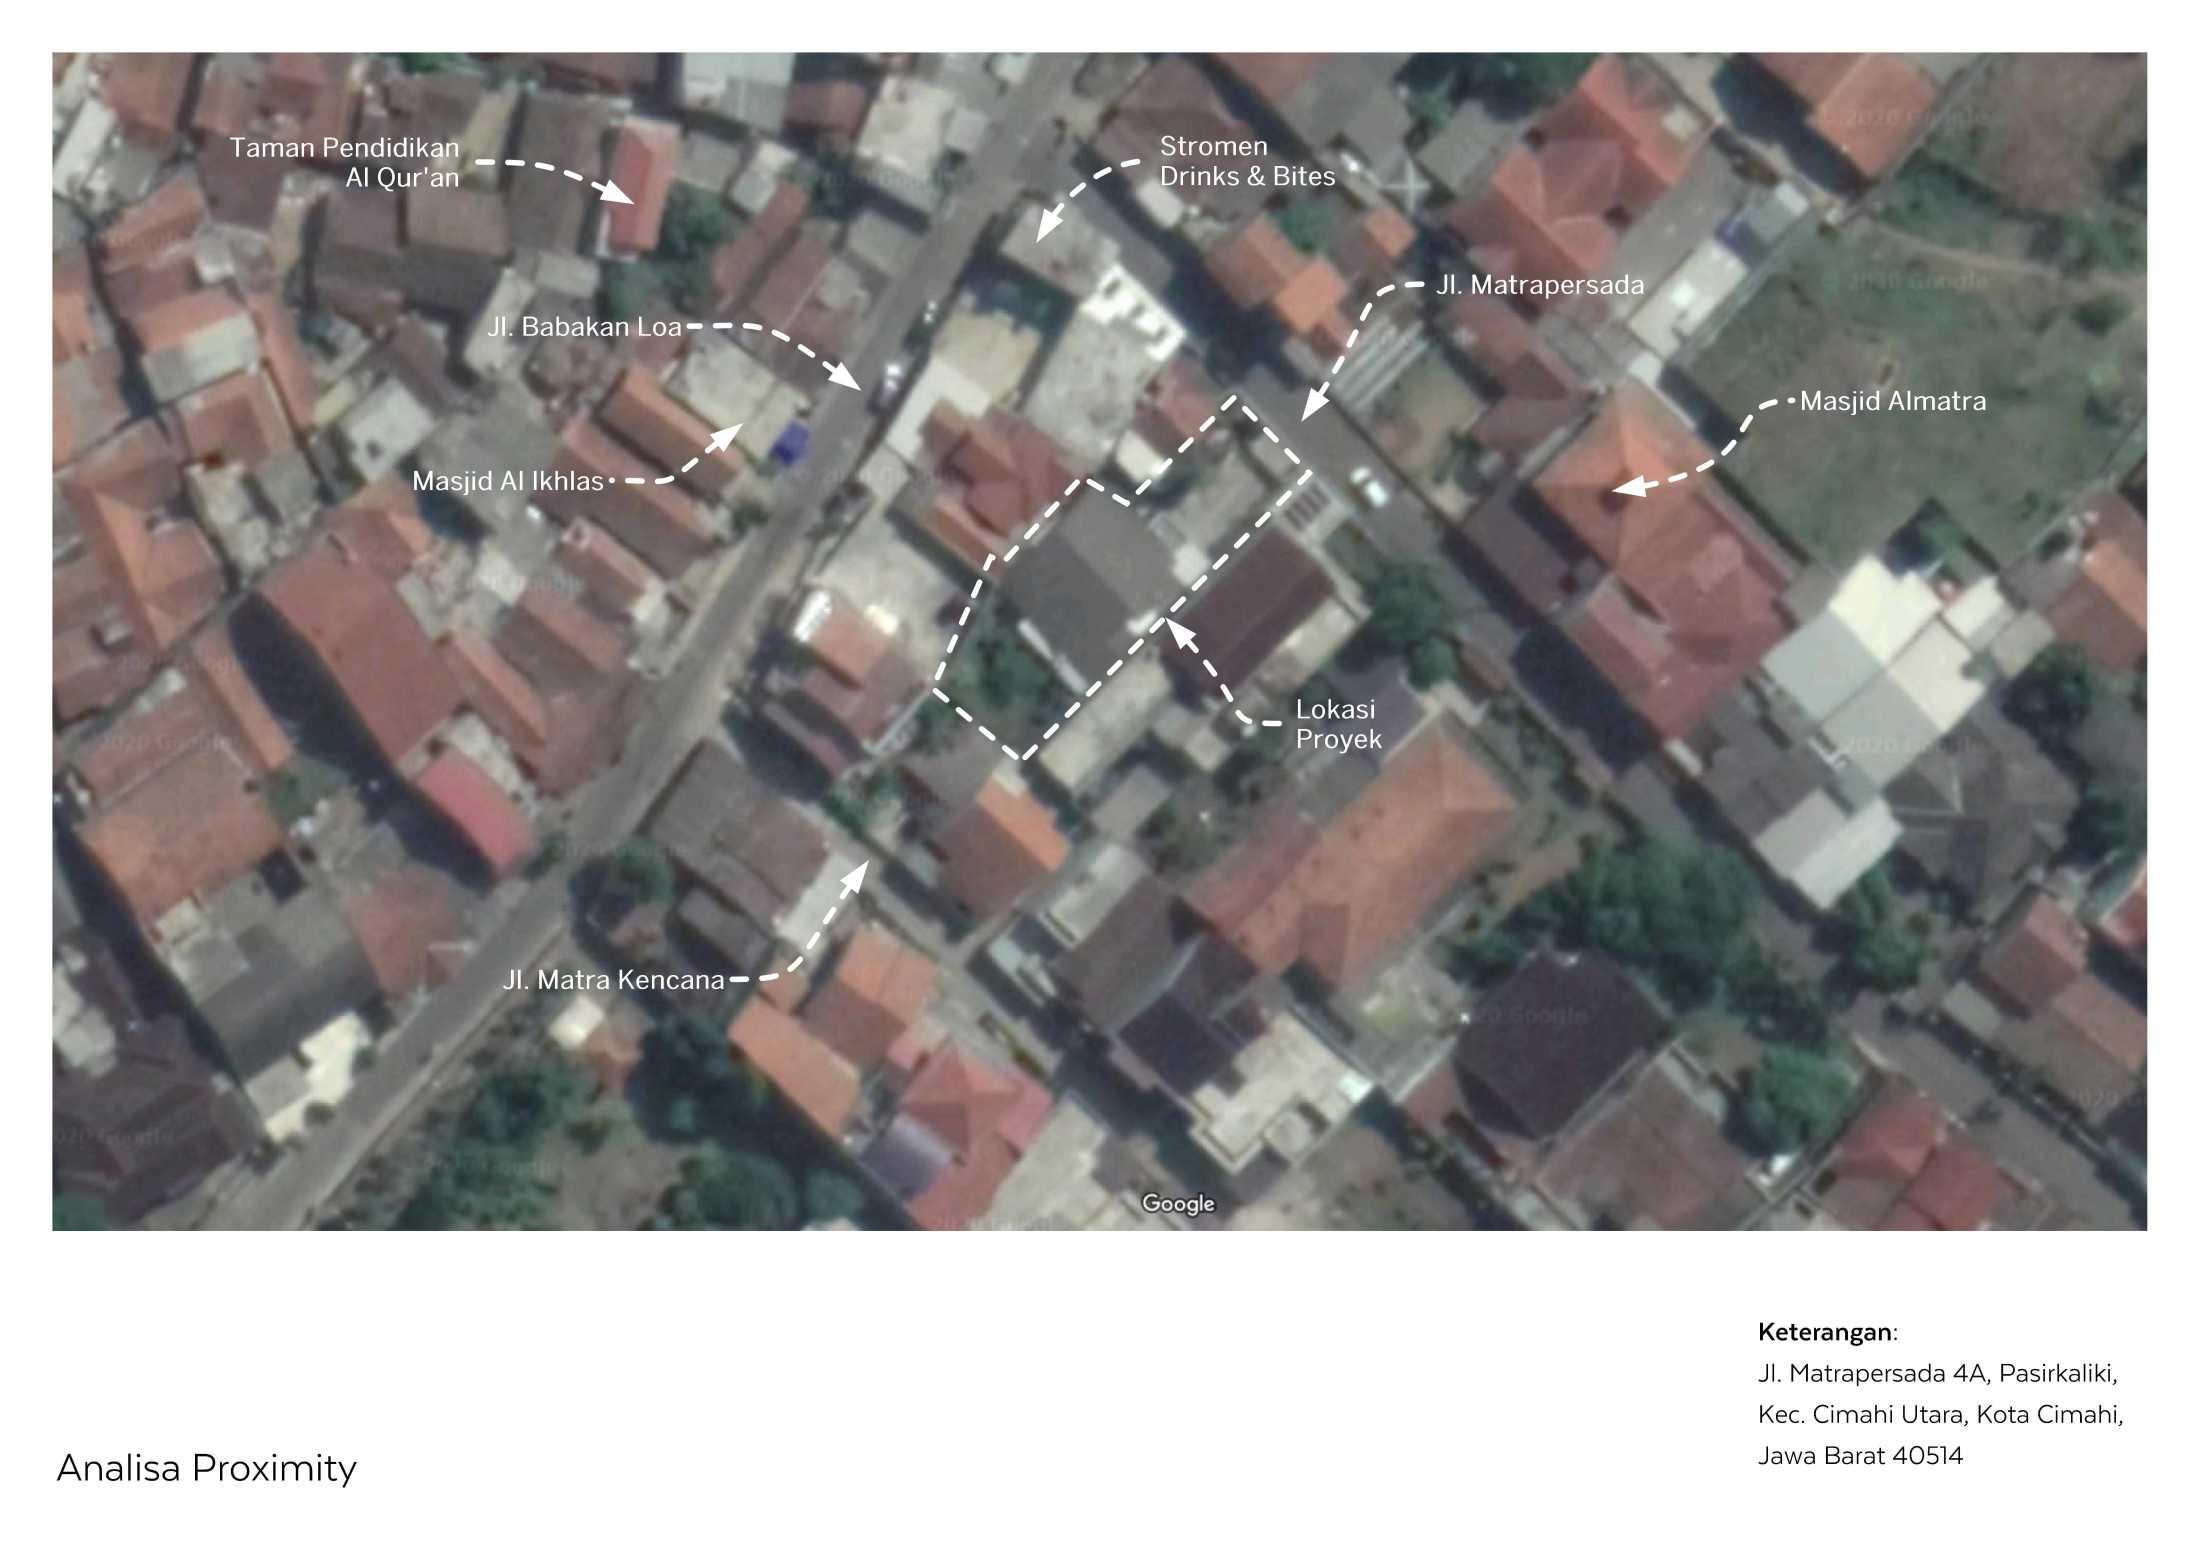 Birka Loci Dewananta House Bandung, Kota Bandung, Jawa Barat, Indonesia Bandung, Kota Bandung, Jawa Barat, Indonesia Birka-Loci-Dewananta-House  94522